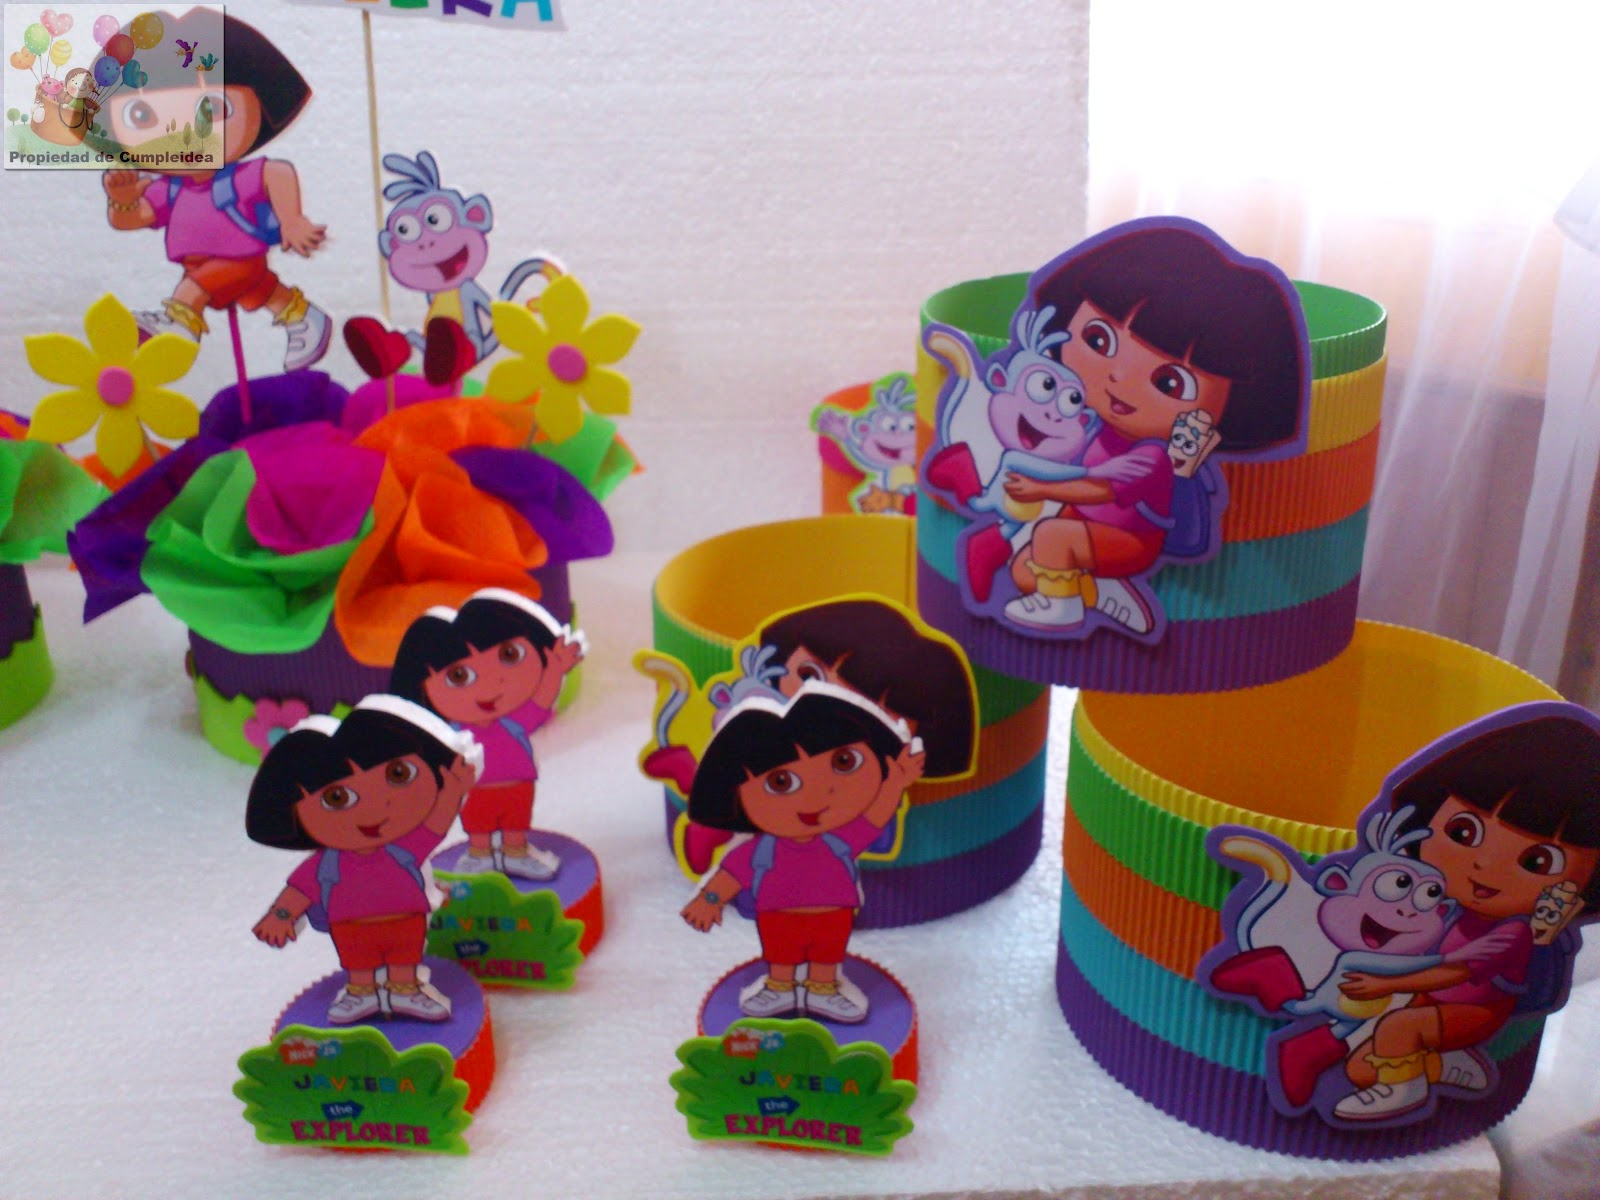 Decoraciones infantiles dora la exploradora - Mesas para cumpleanos infantiles ...